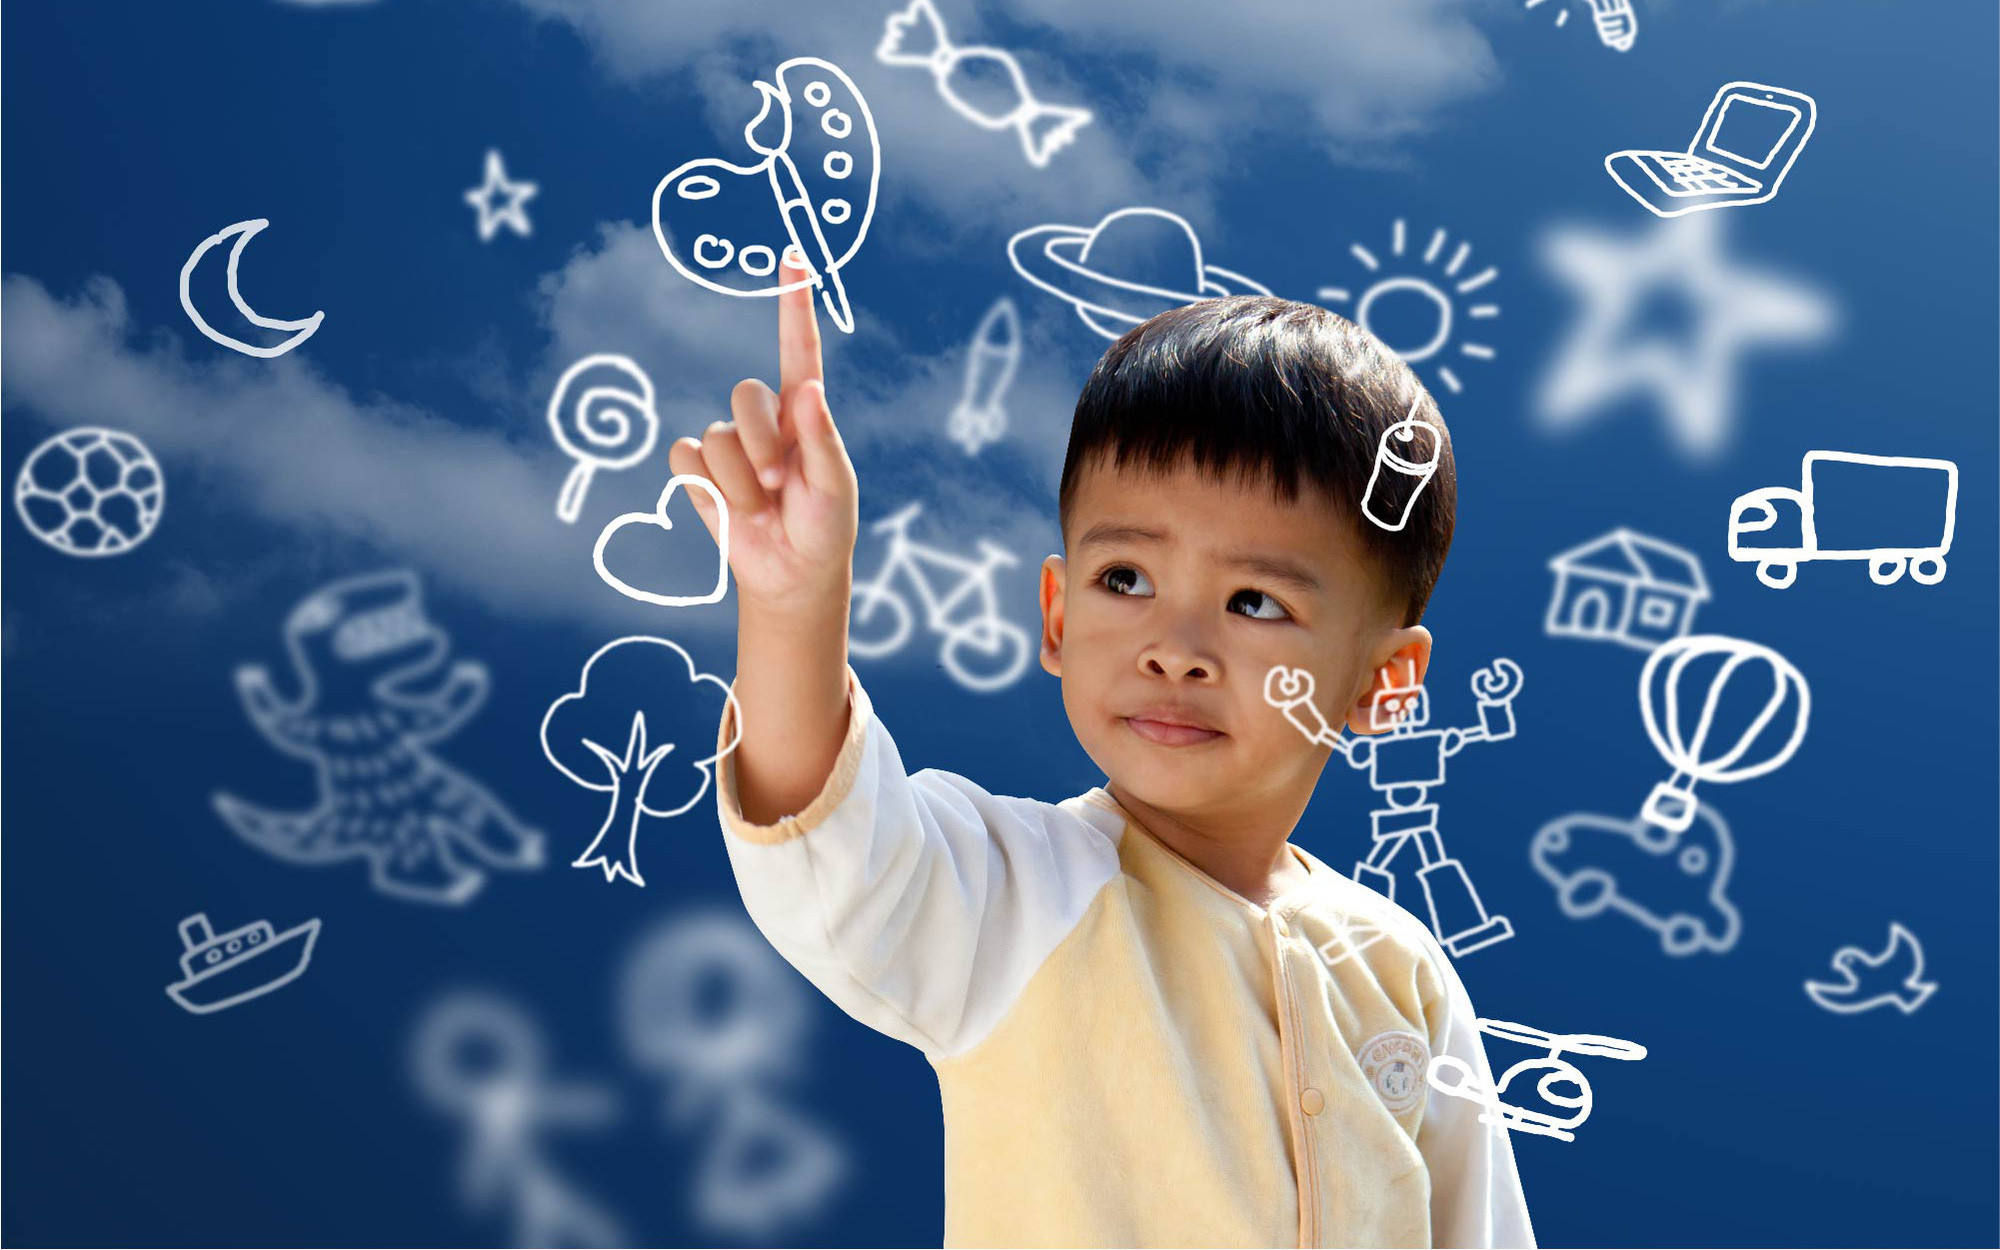 Tiến sĩ tâm lý học chỉ ra, trẻ có 11 dấu hiệu này chứng tỏ rất thông minh, cha mẹ đọc ngay để bồi dưỡng cho con càng sớm càng tốt